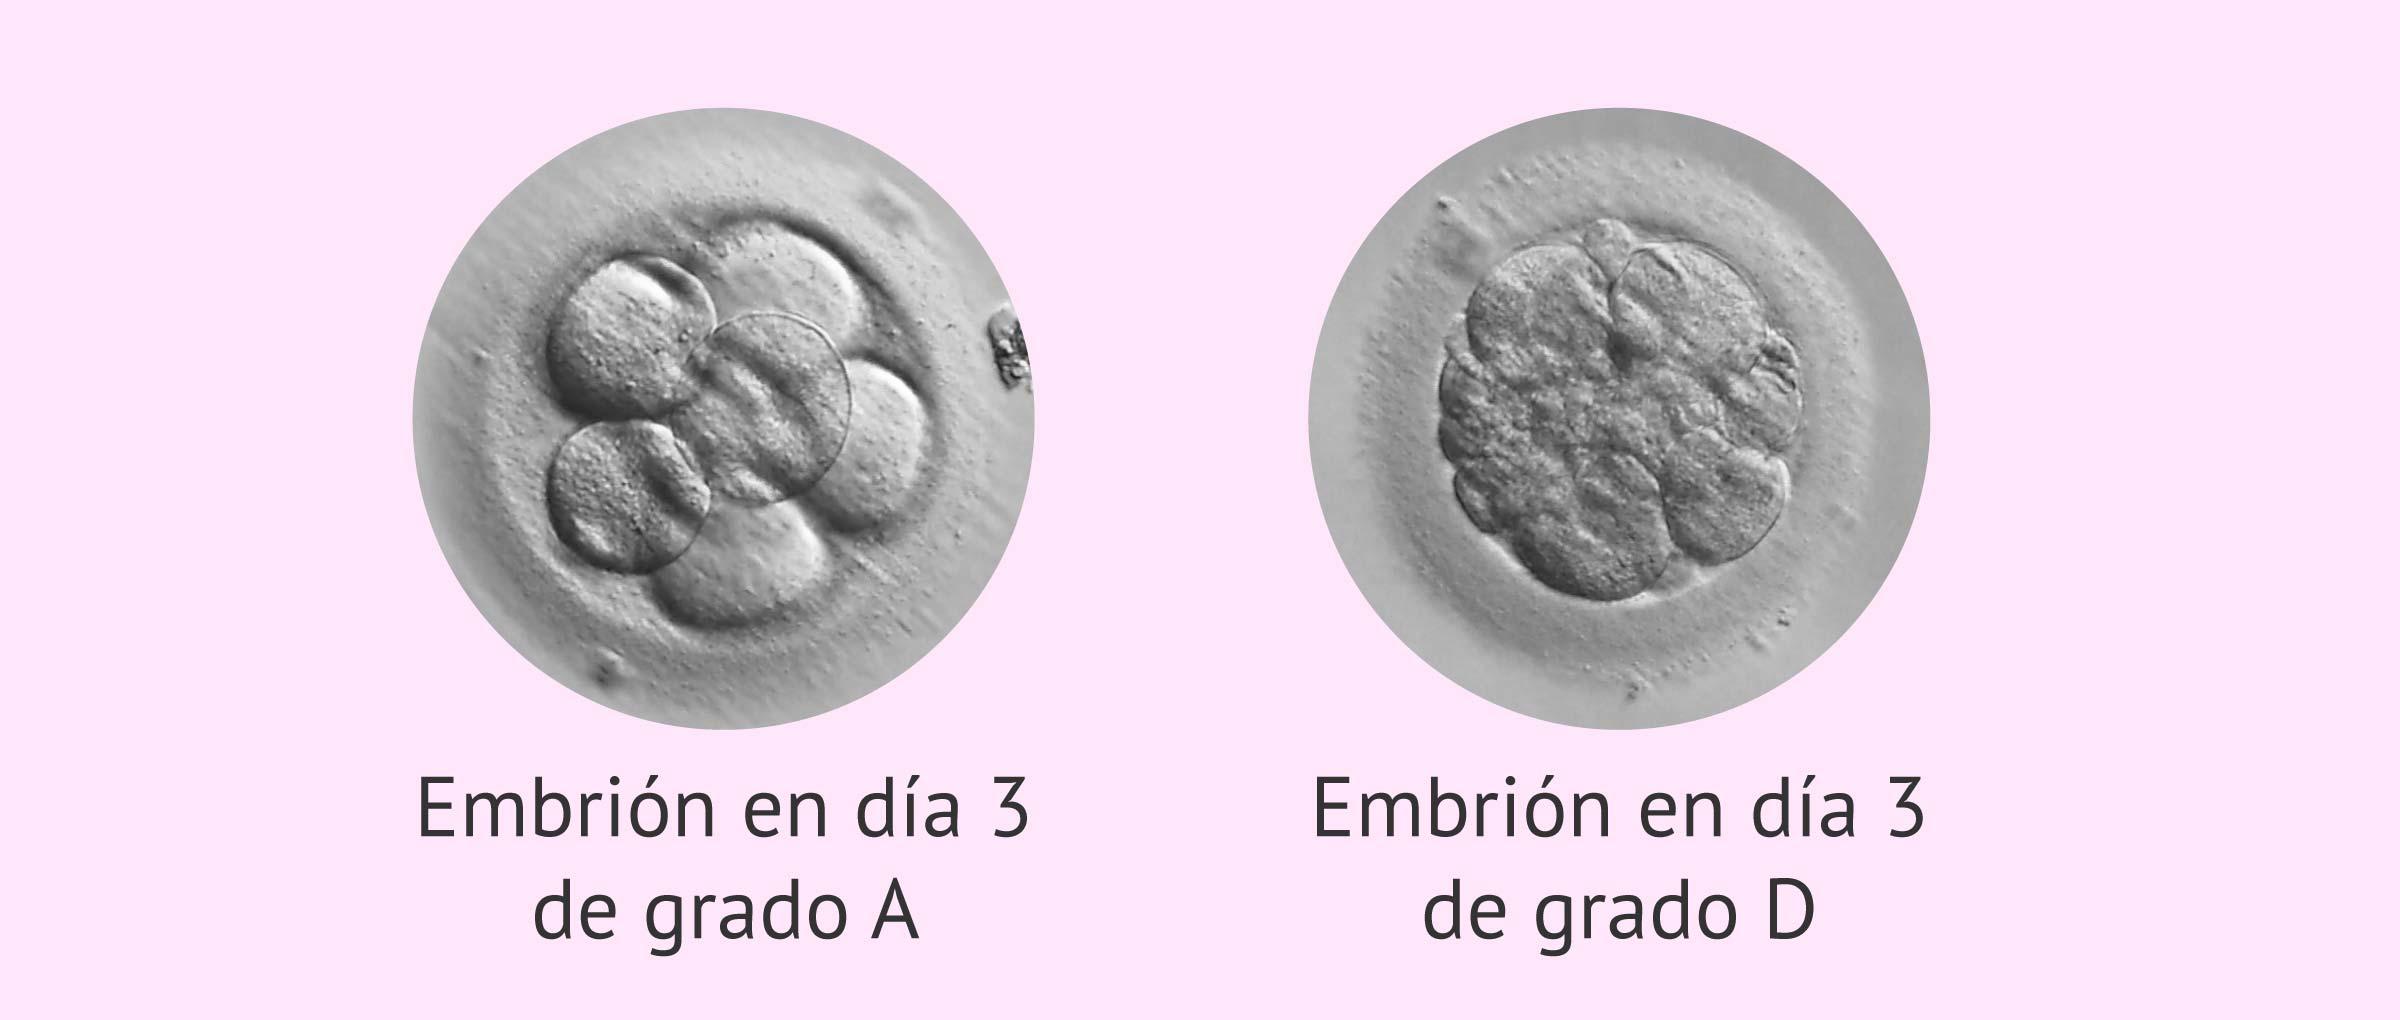 Clasificación de los embriones en día 3 de desarollo